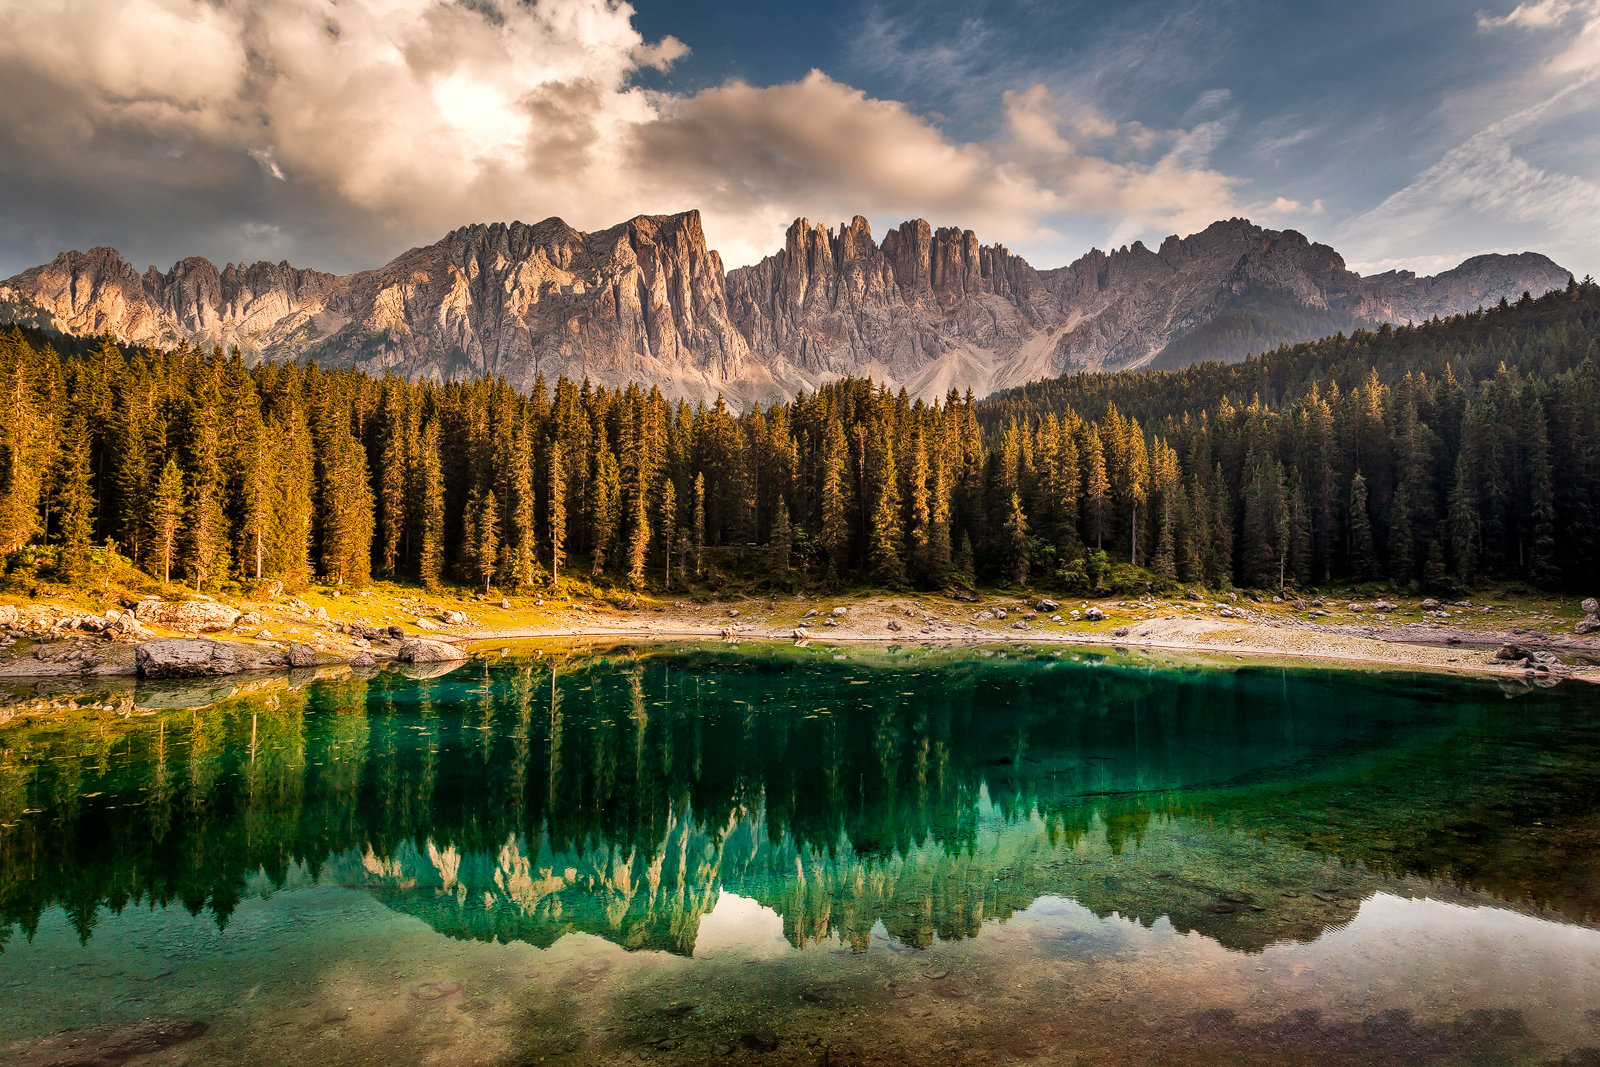 Landscape - Photo 9